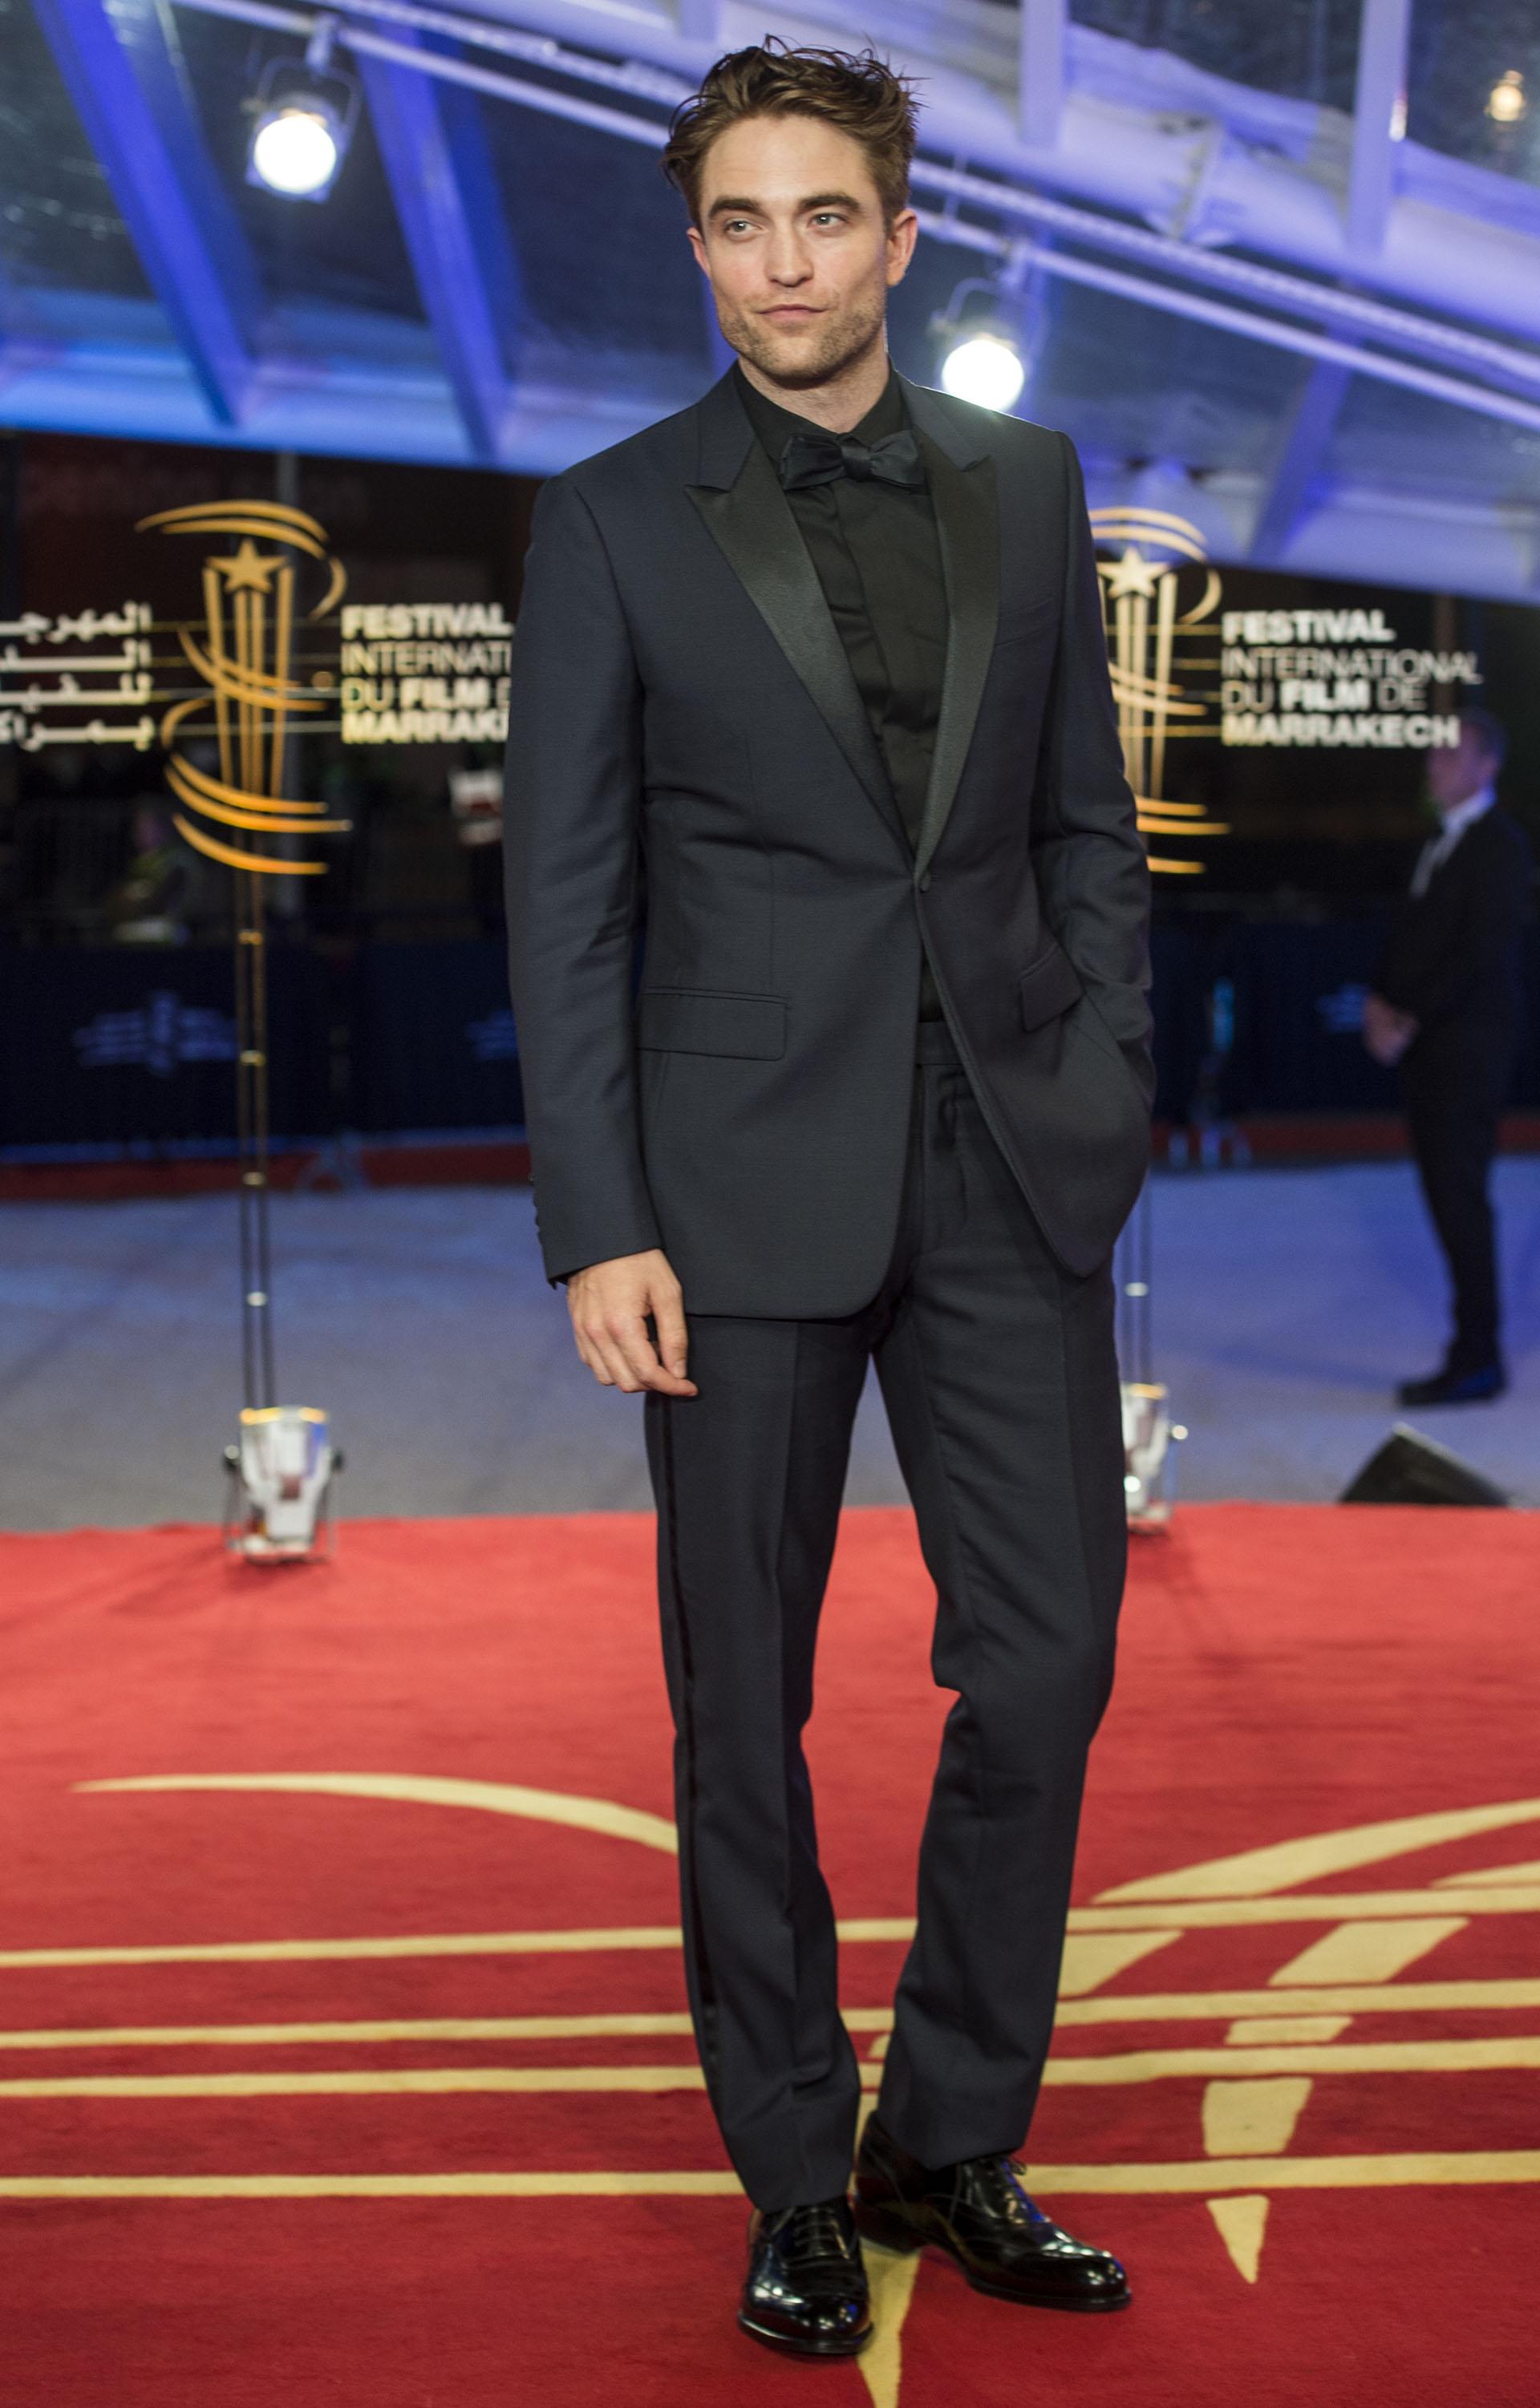 La elegancia de Robert Pattinson